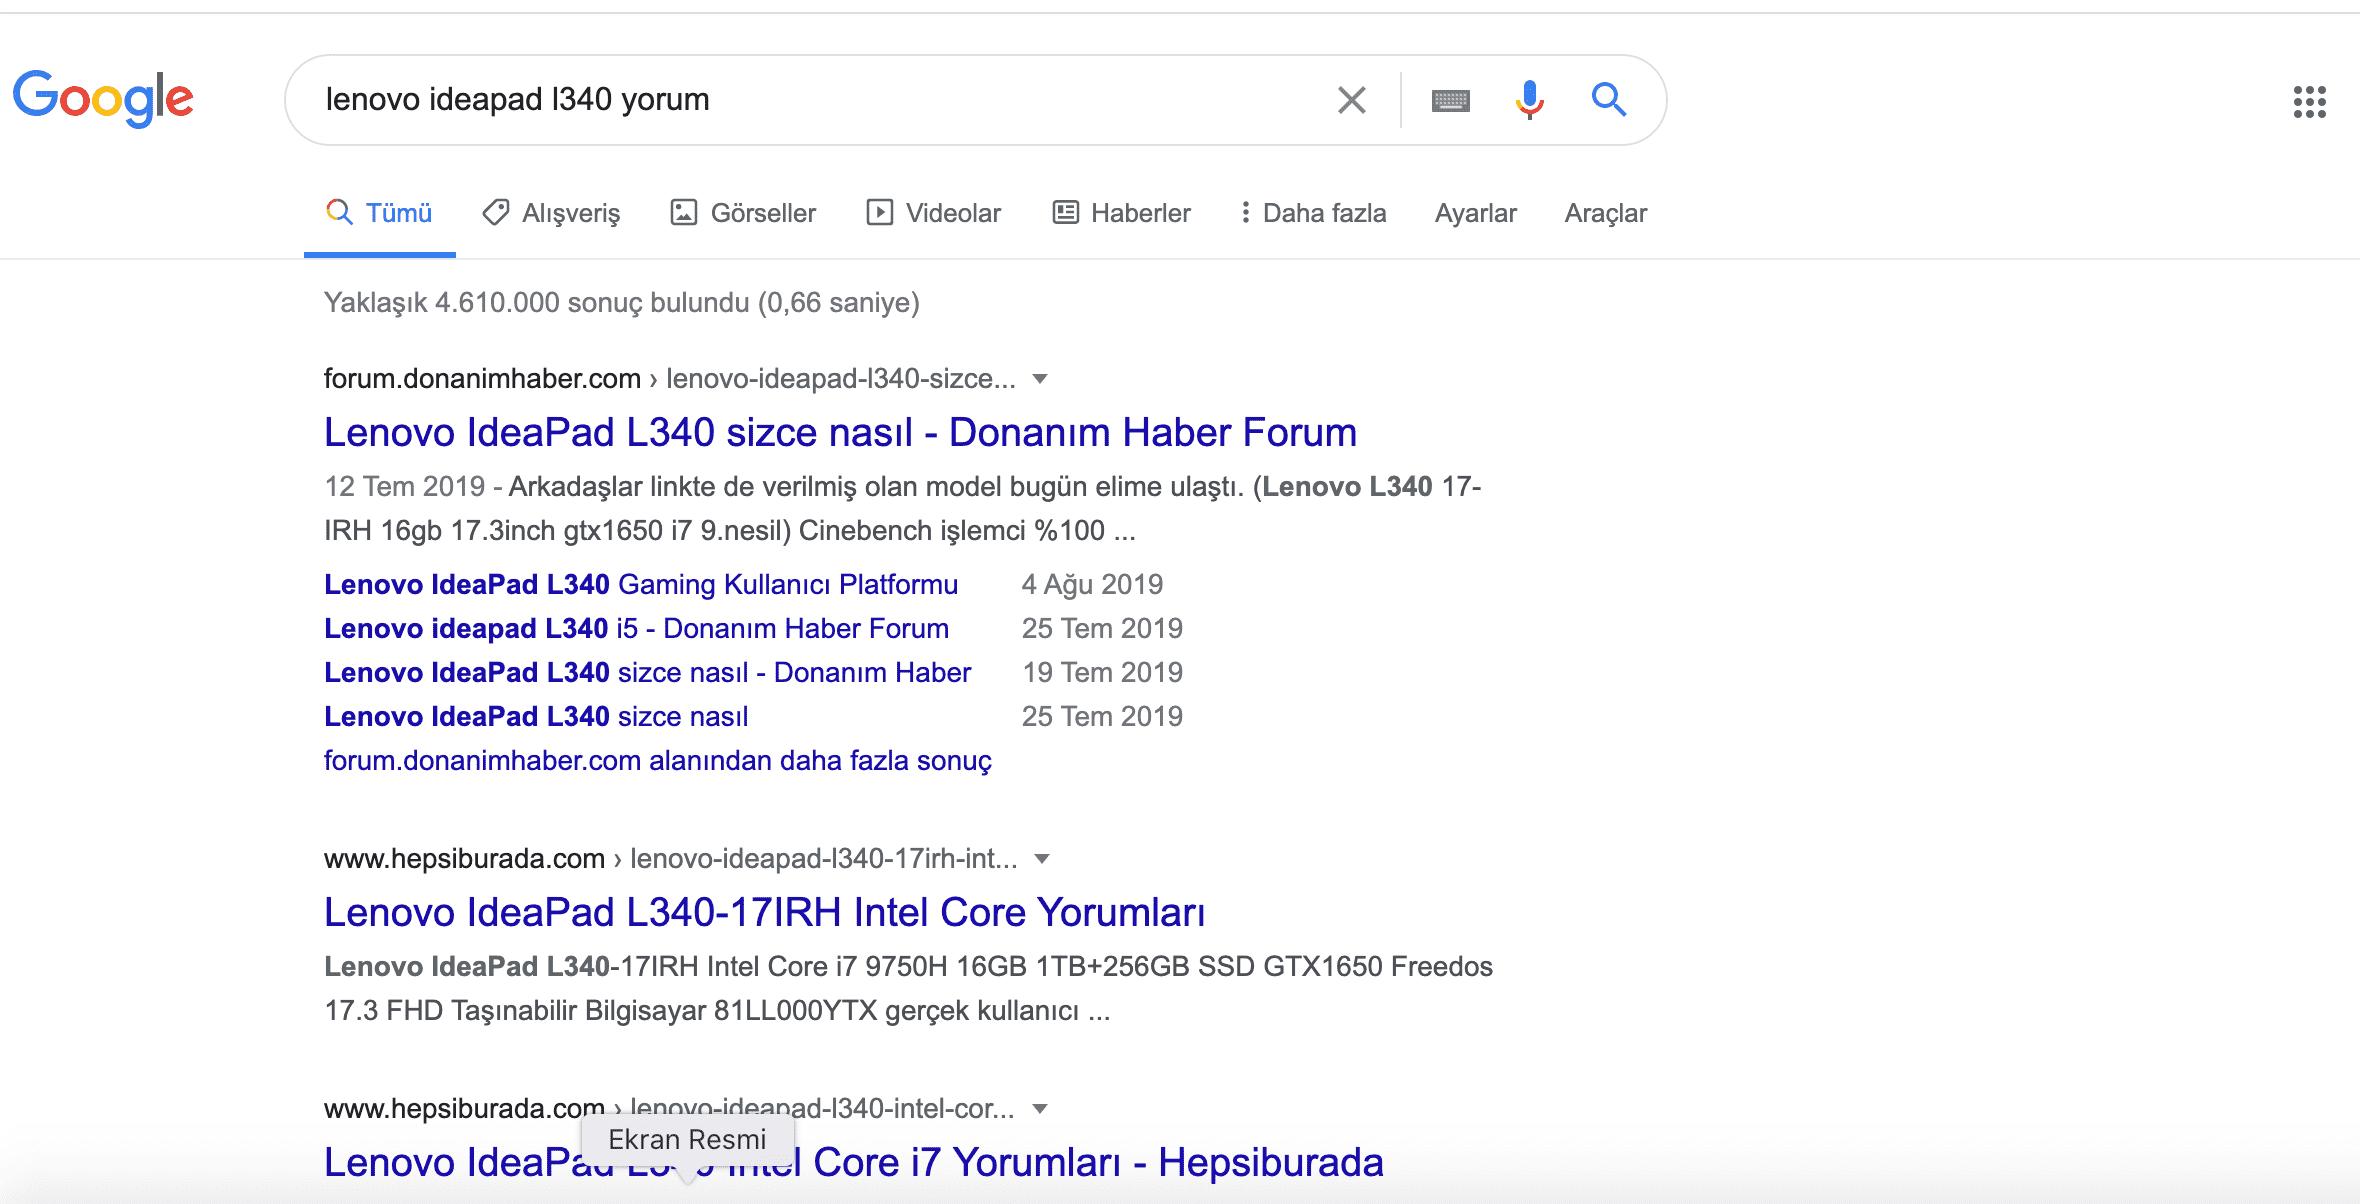 Google'da bilgisayar kronik sorun ve kullanıcı yorumlarını öğrenmek için örnek